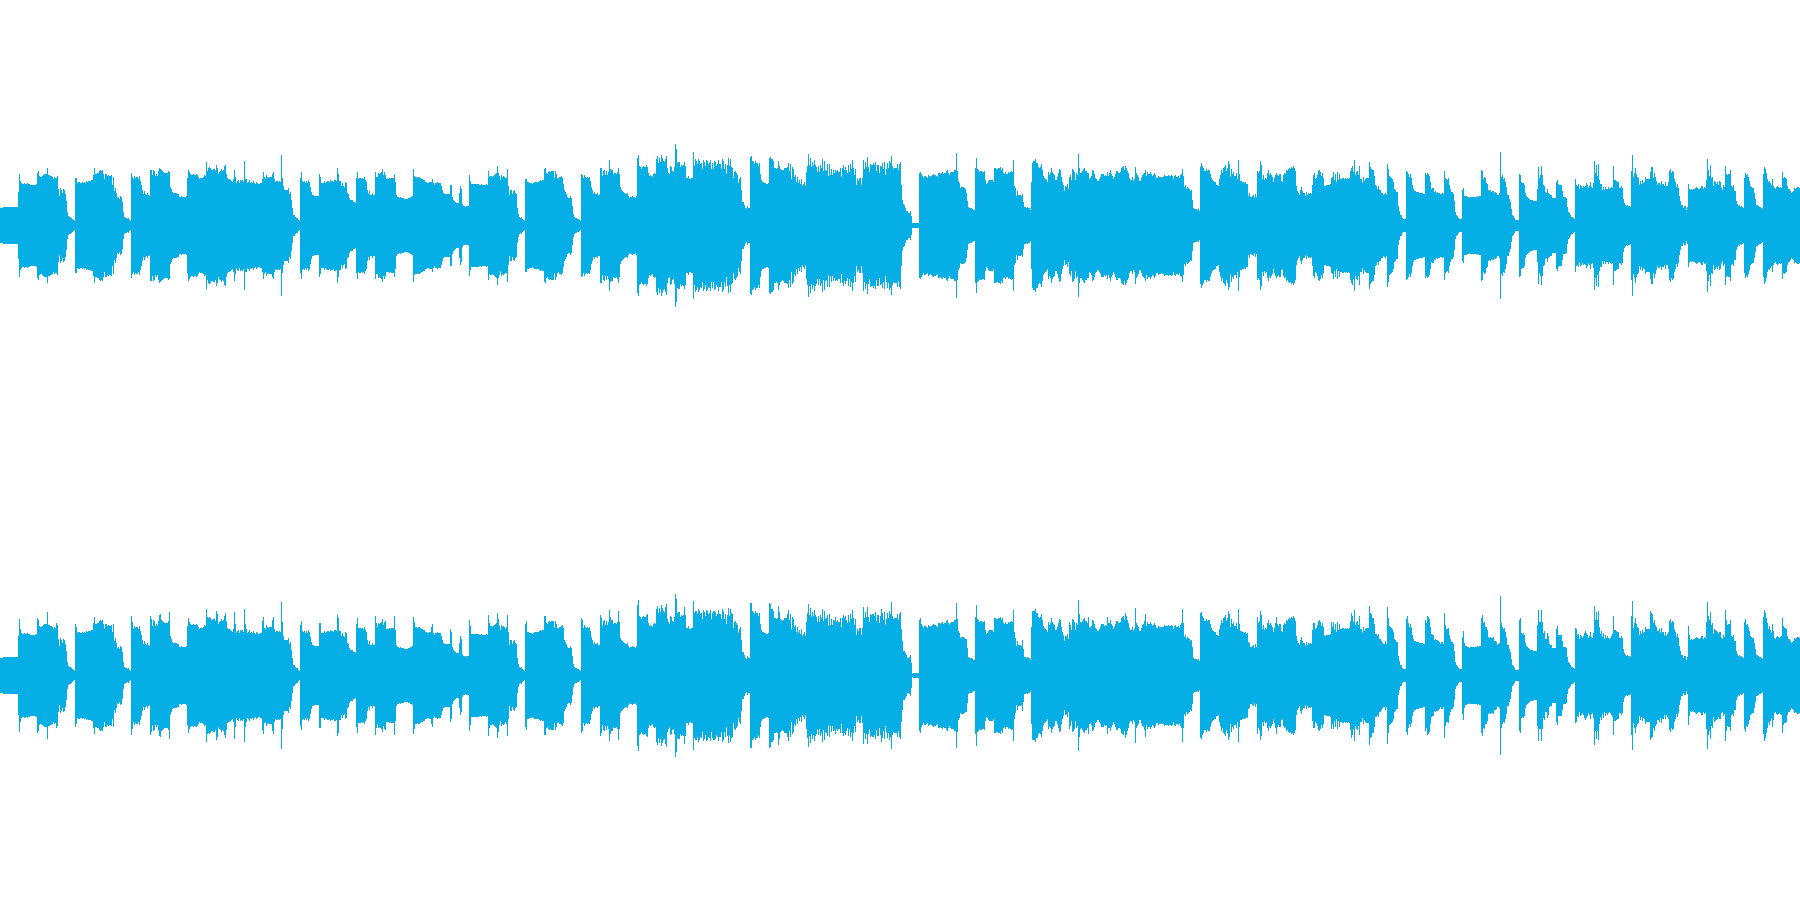 ファミコン風レトロRPGフィールド-冒険の再生済みの波形